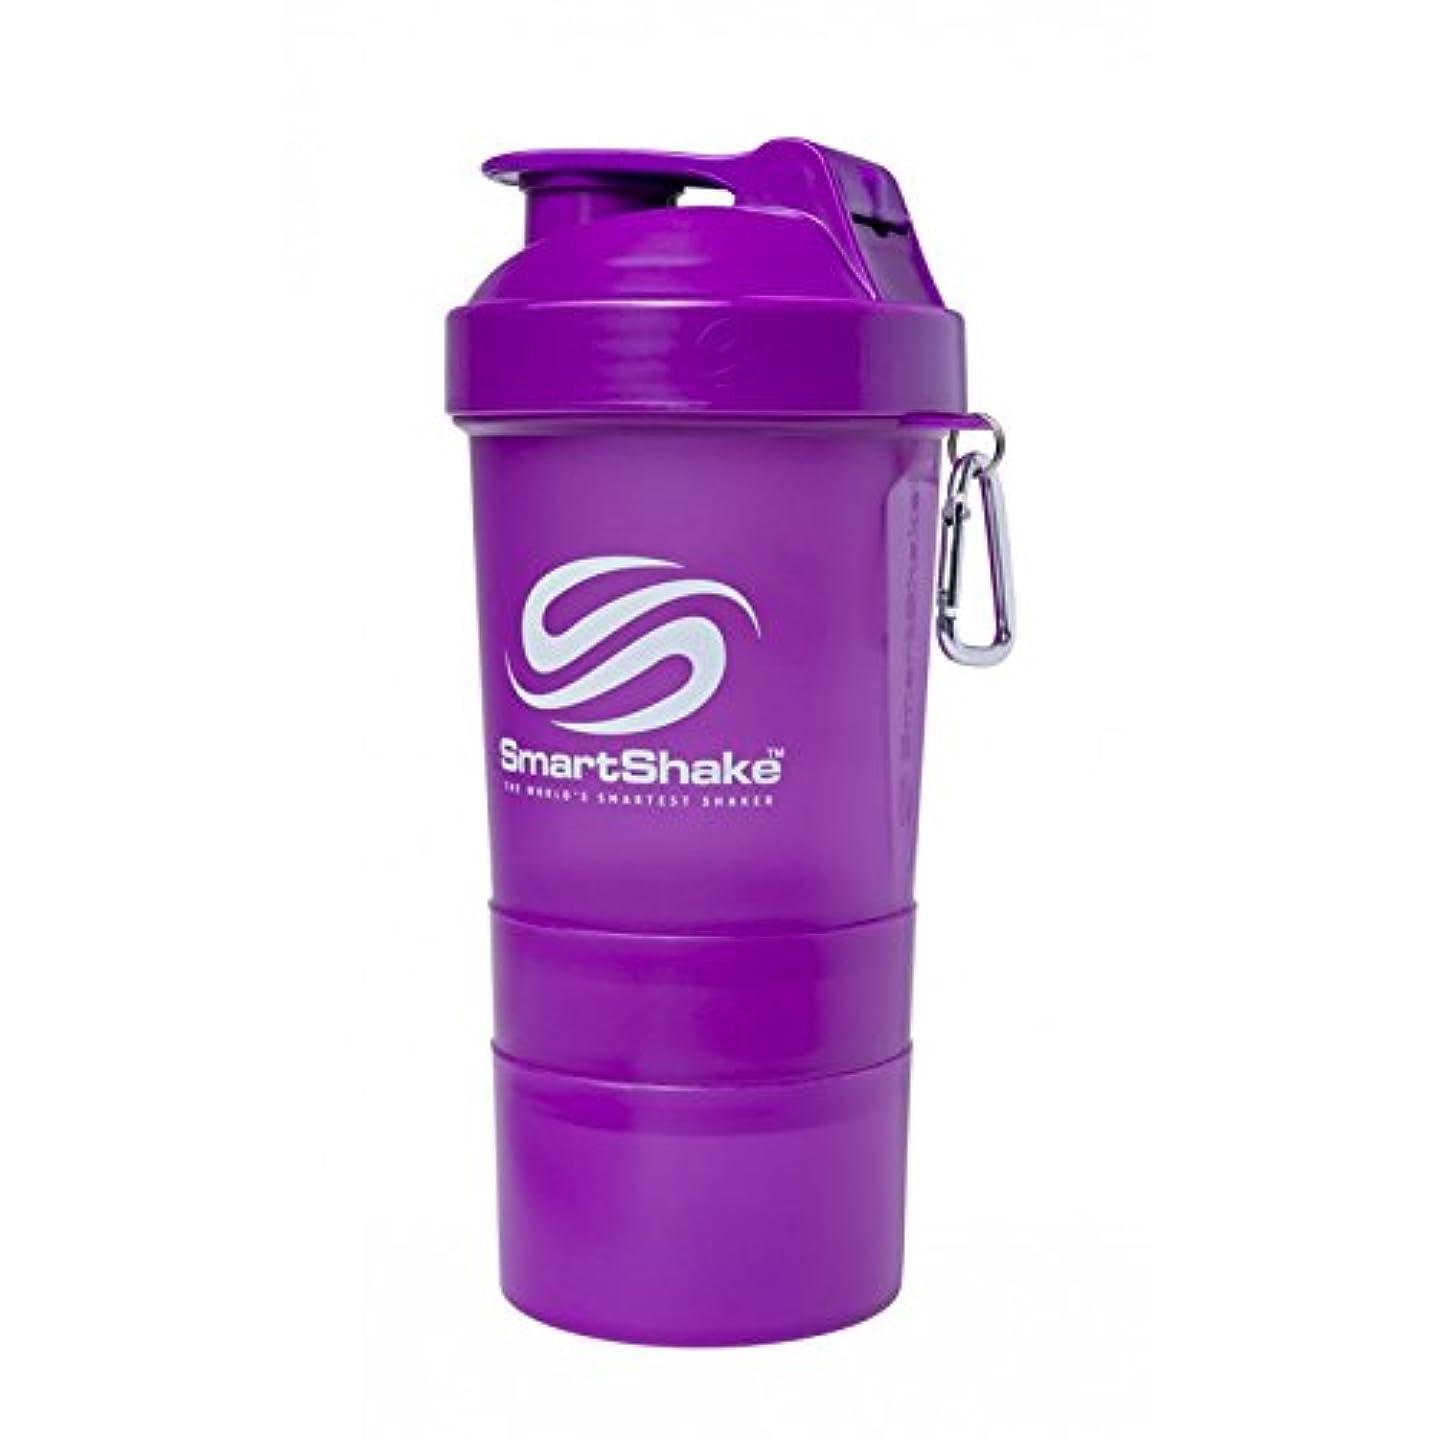 シリアル広く防水SmartShake Original Shaker Cup, Neon Purple, 20 oz by smartshake